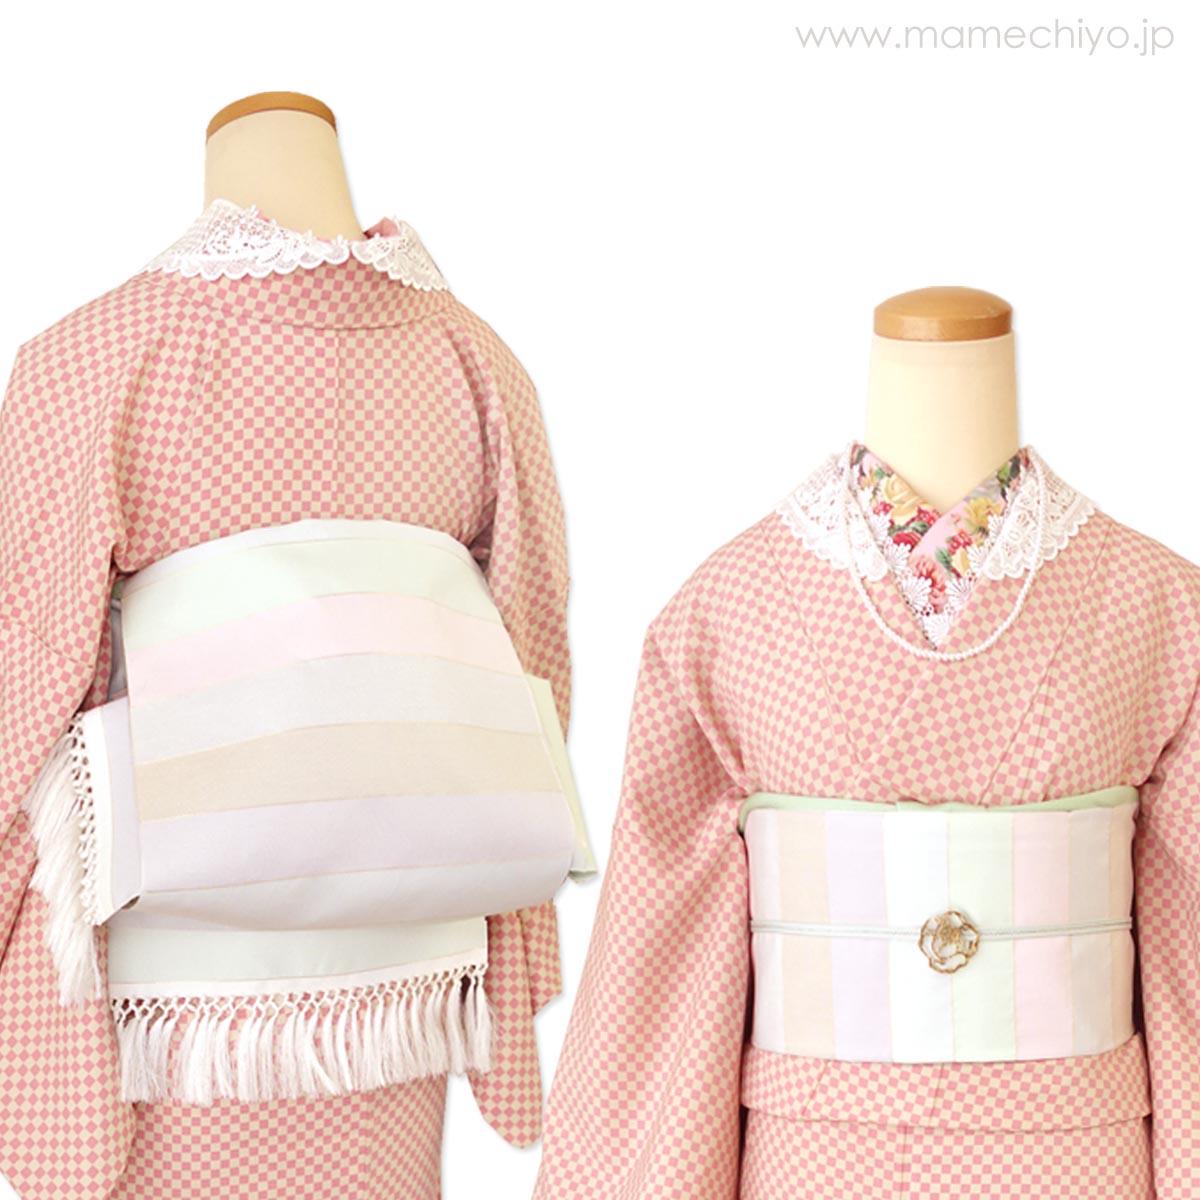 単衣帯とへこ帯の両方のいいとこ取り!!博多織「ひとへこえ 縞 (オーロラ)」